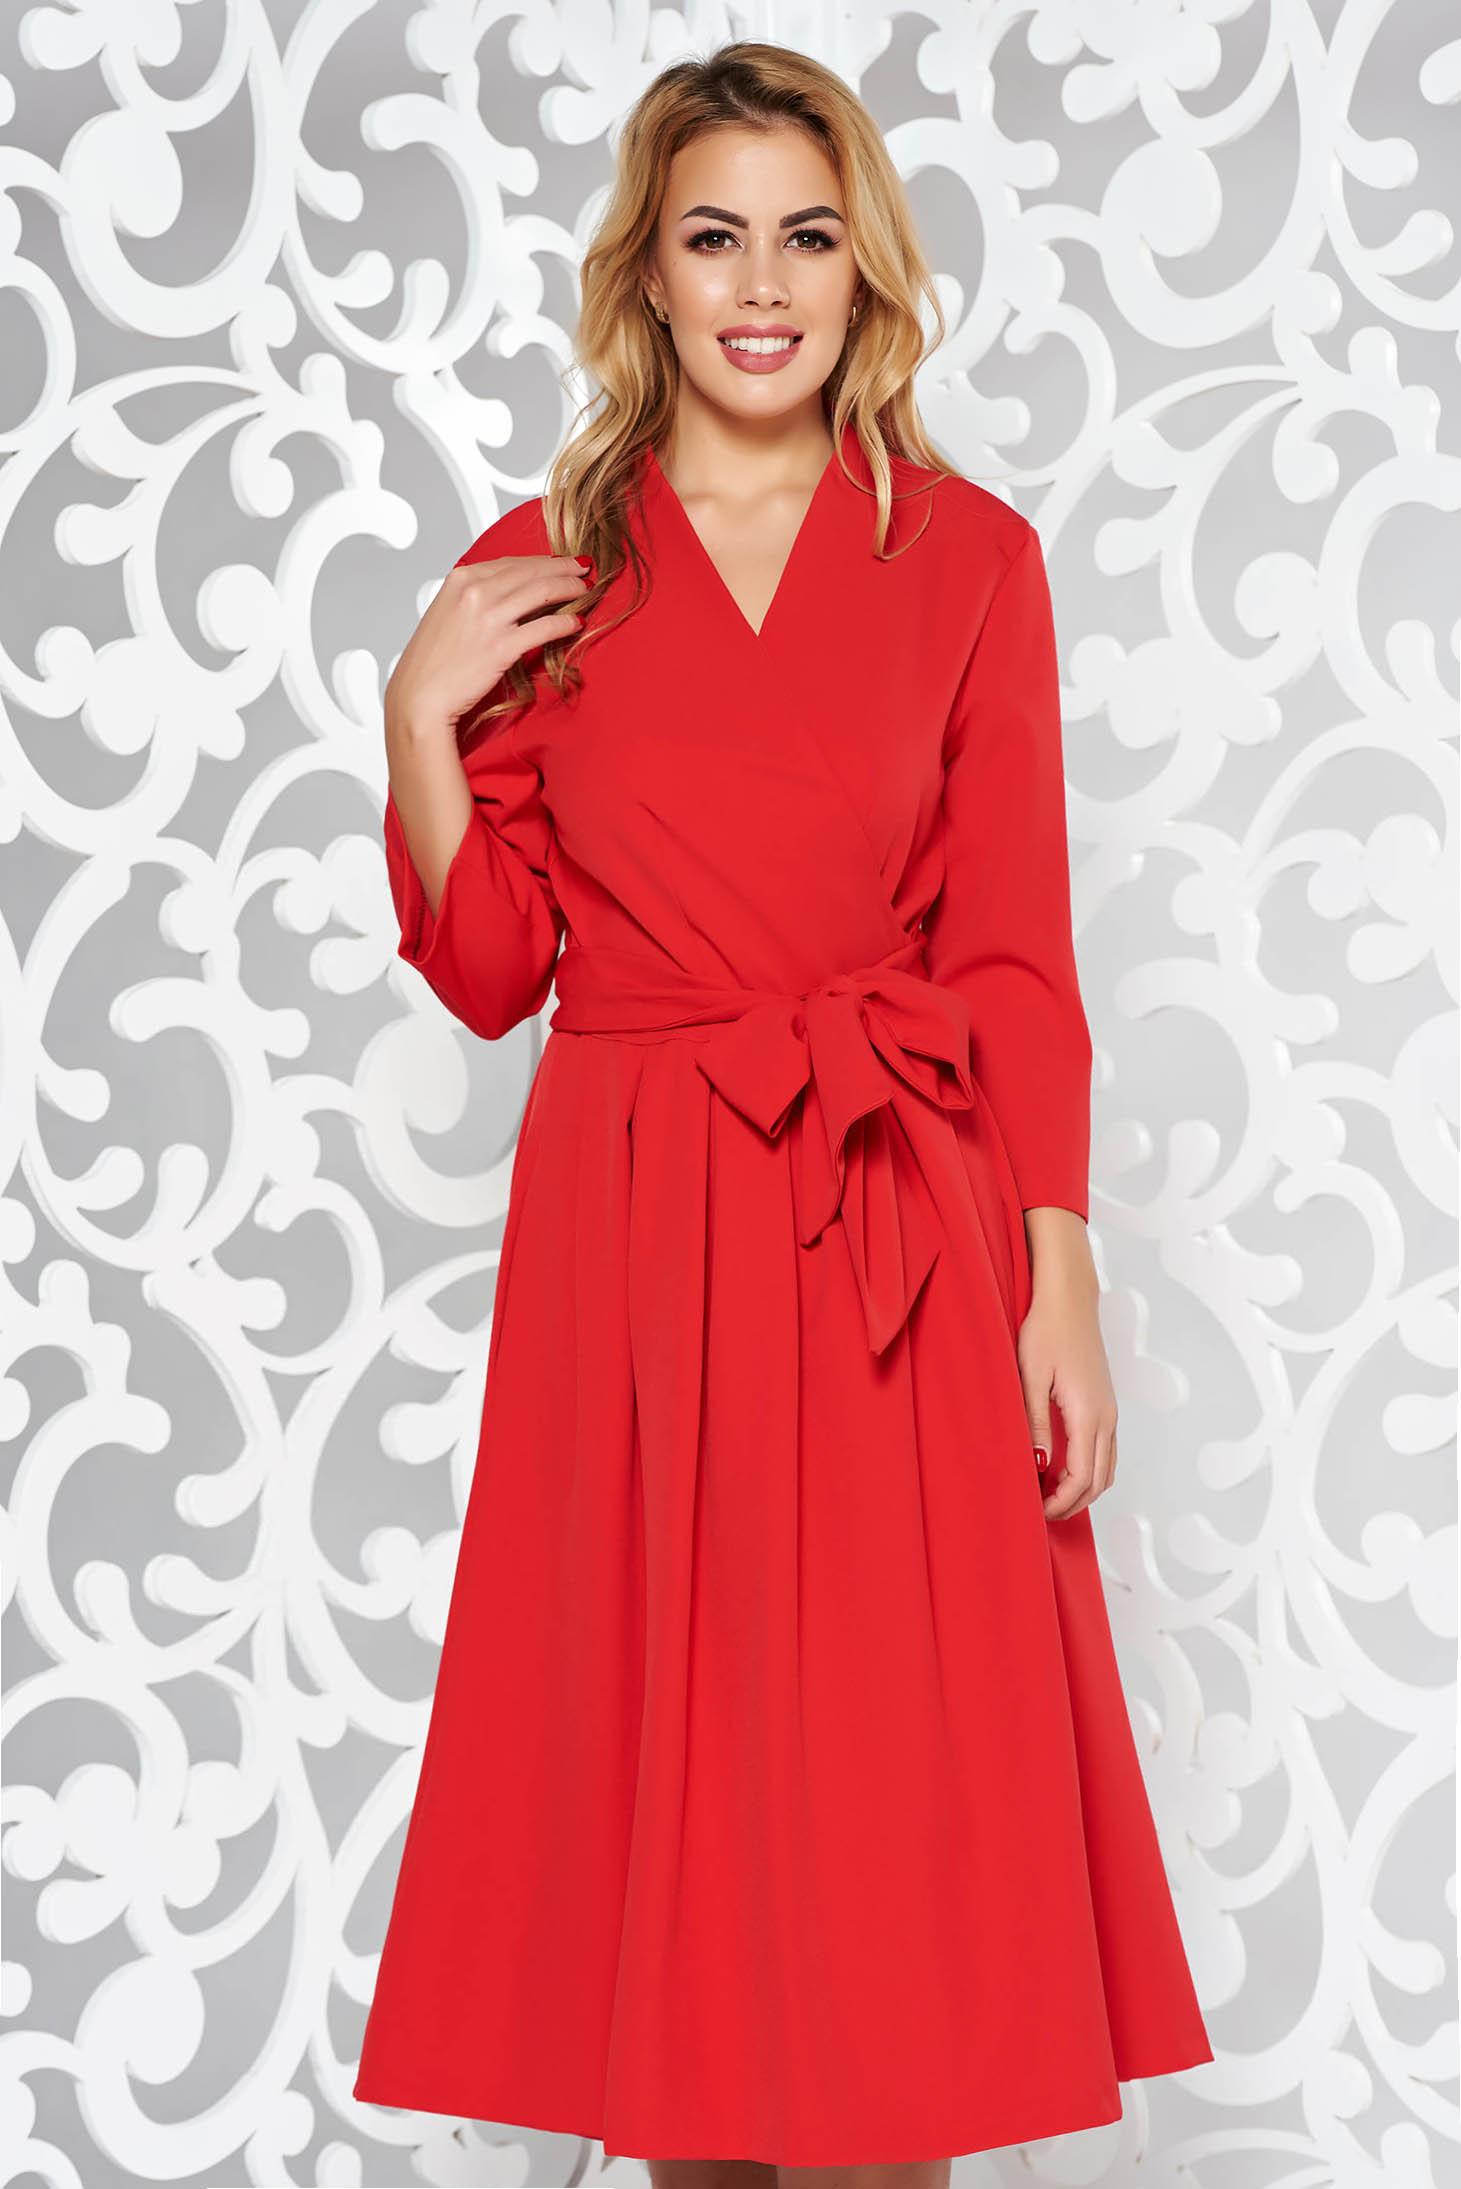 Red dress elegant cloche nonelastic cotton with v-neckline